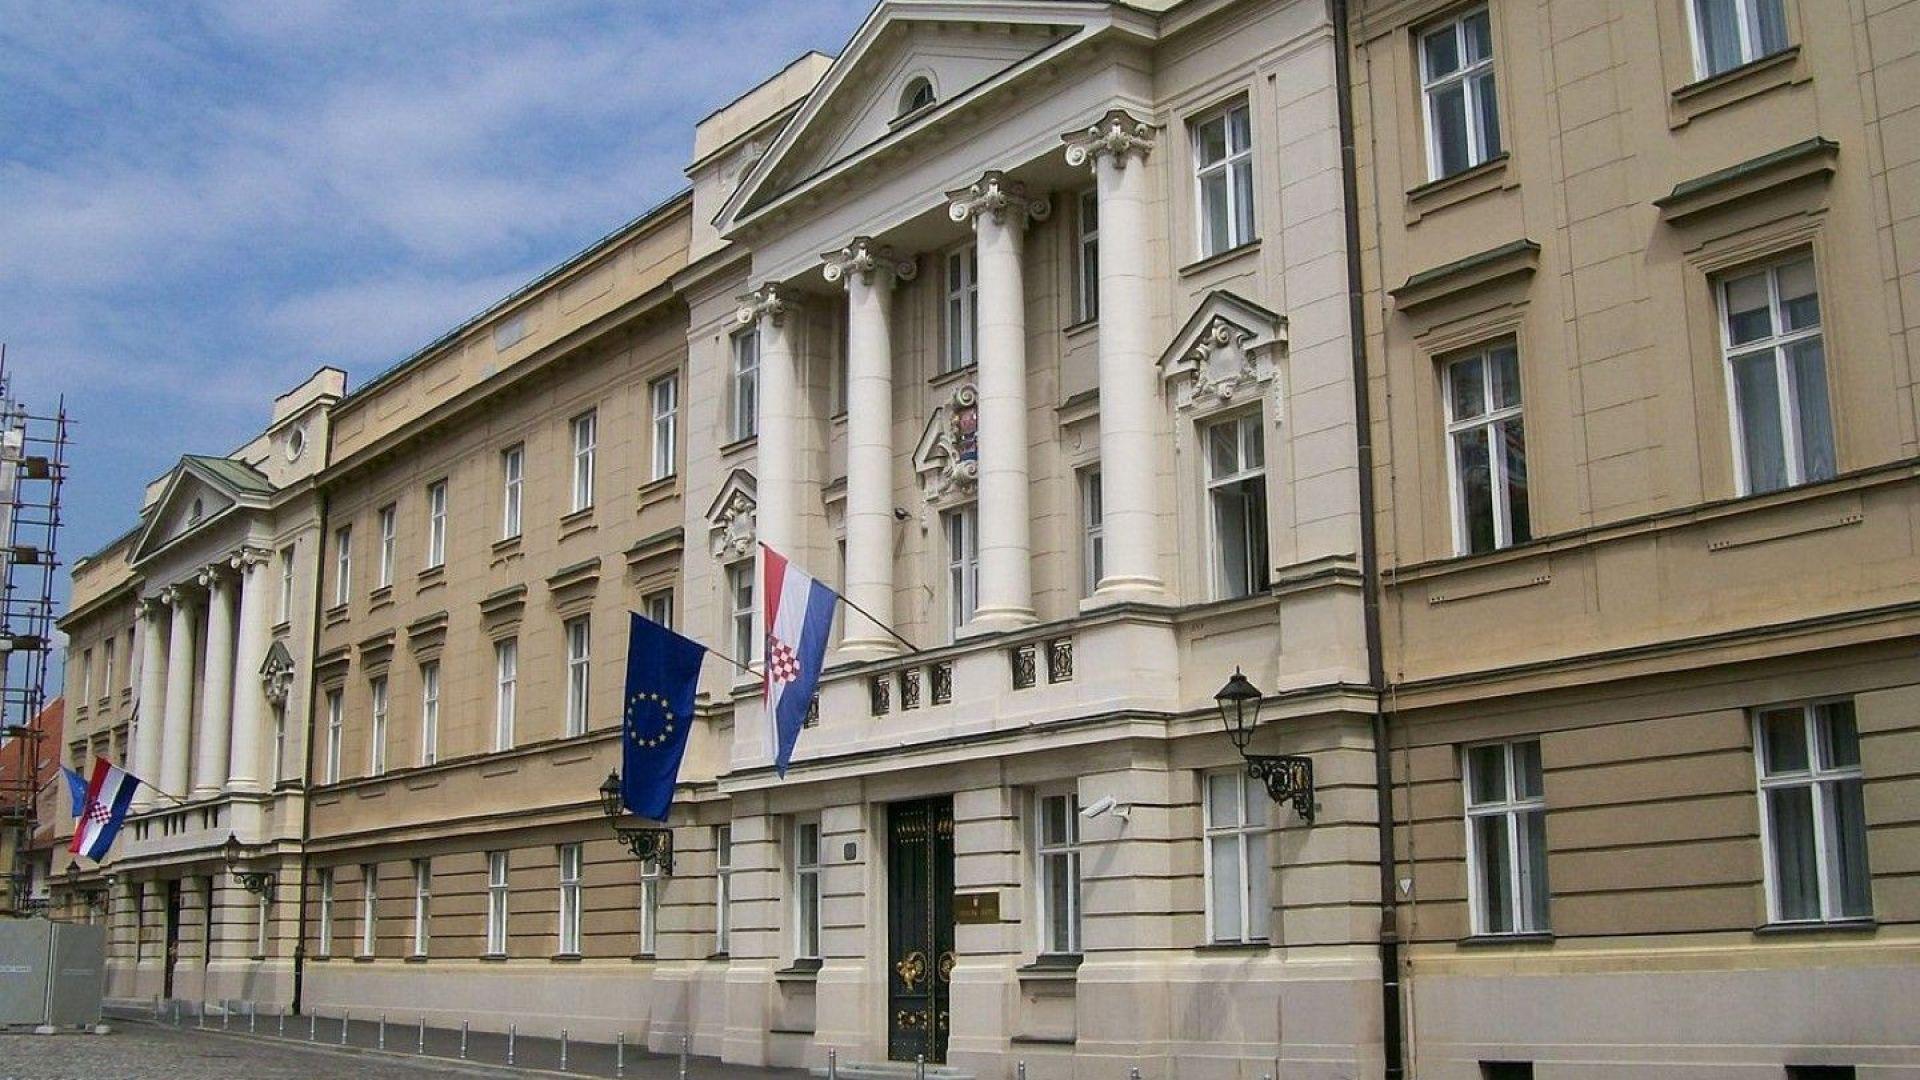 Хърватска журналистка изсипа  кофа с фекалии пред сградата на правителството